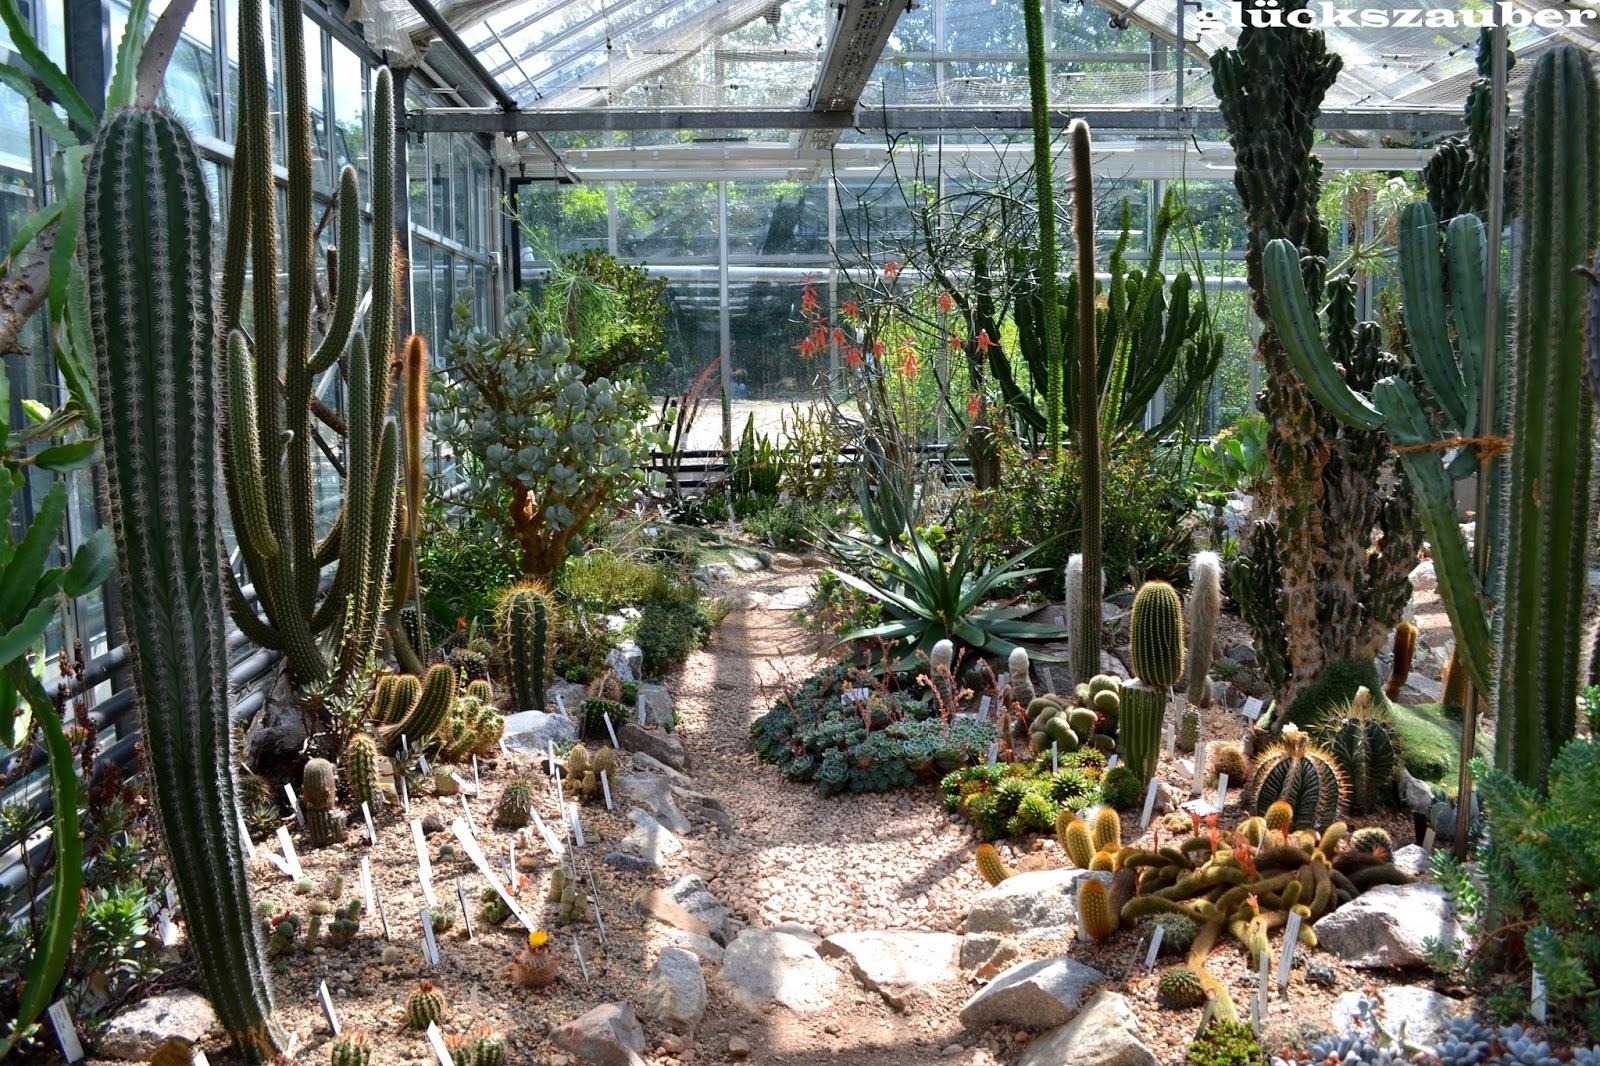 Regensburg Botanischer Garten